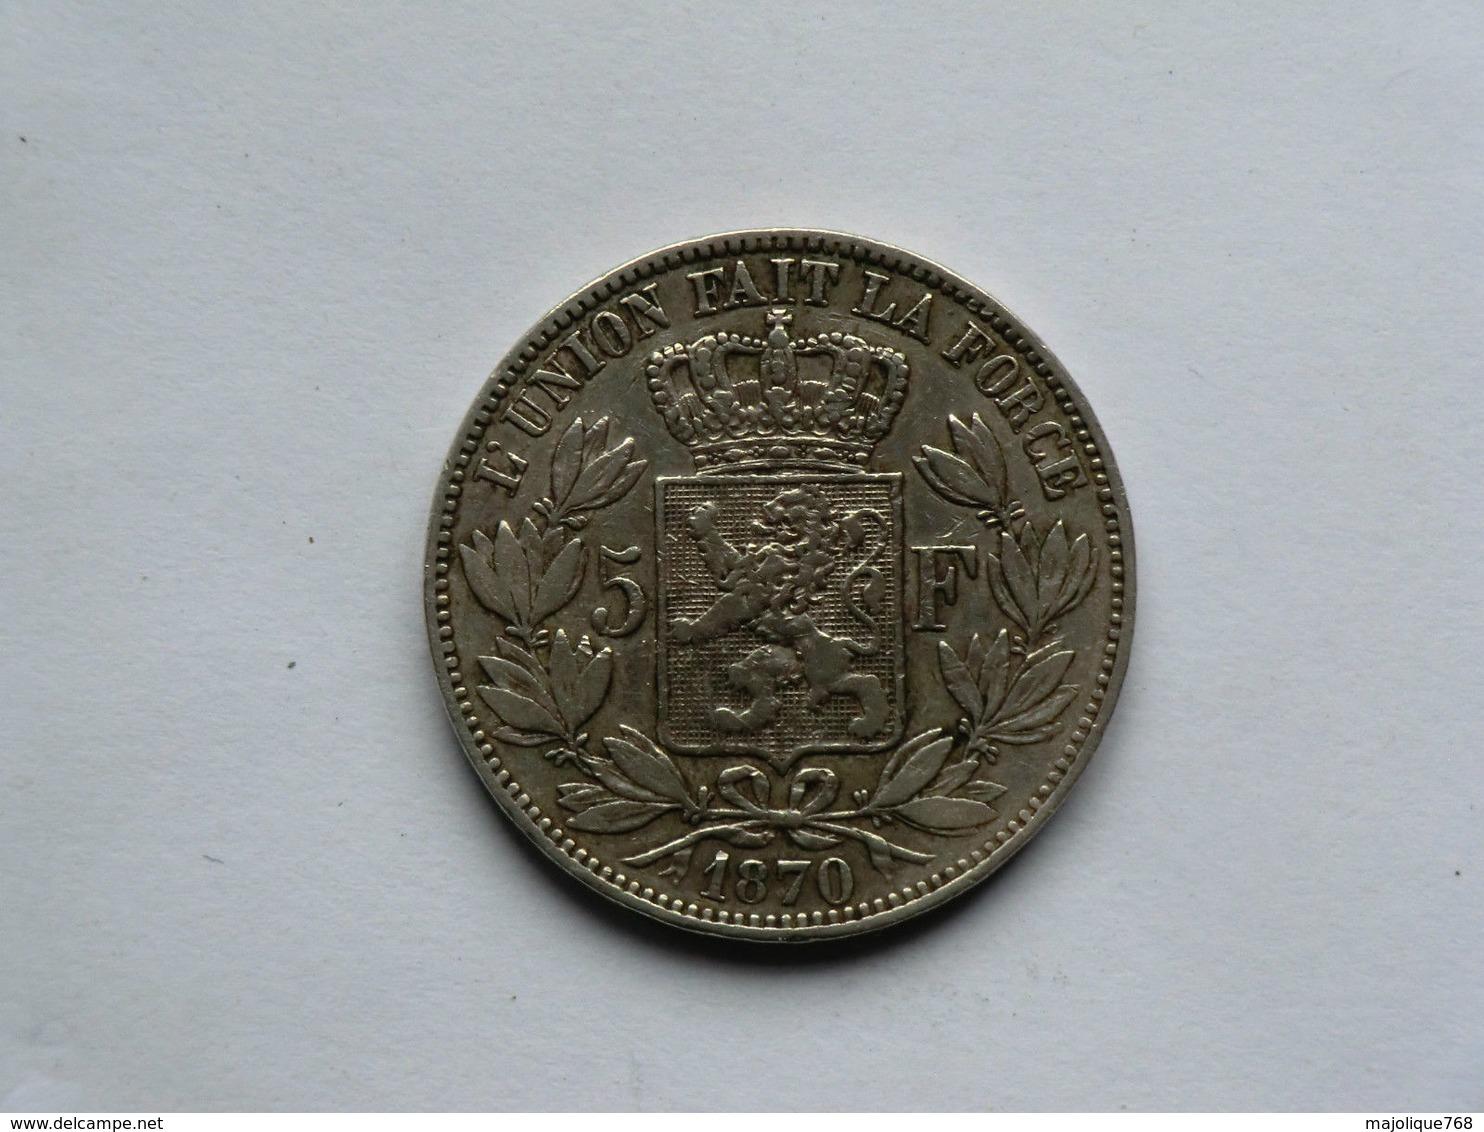 Monnaie De Belgique - 5 Francs Léopold II Roi De Belges Argent 1870 - 09. 5 Francs